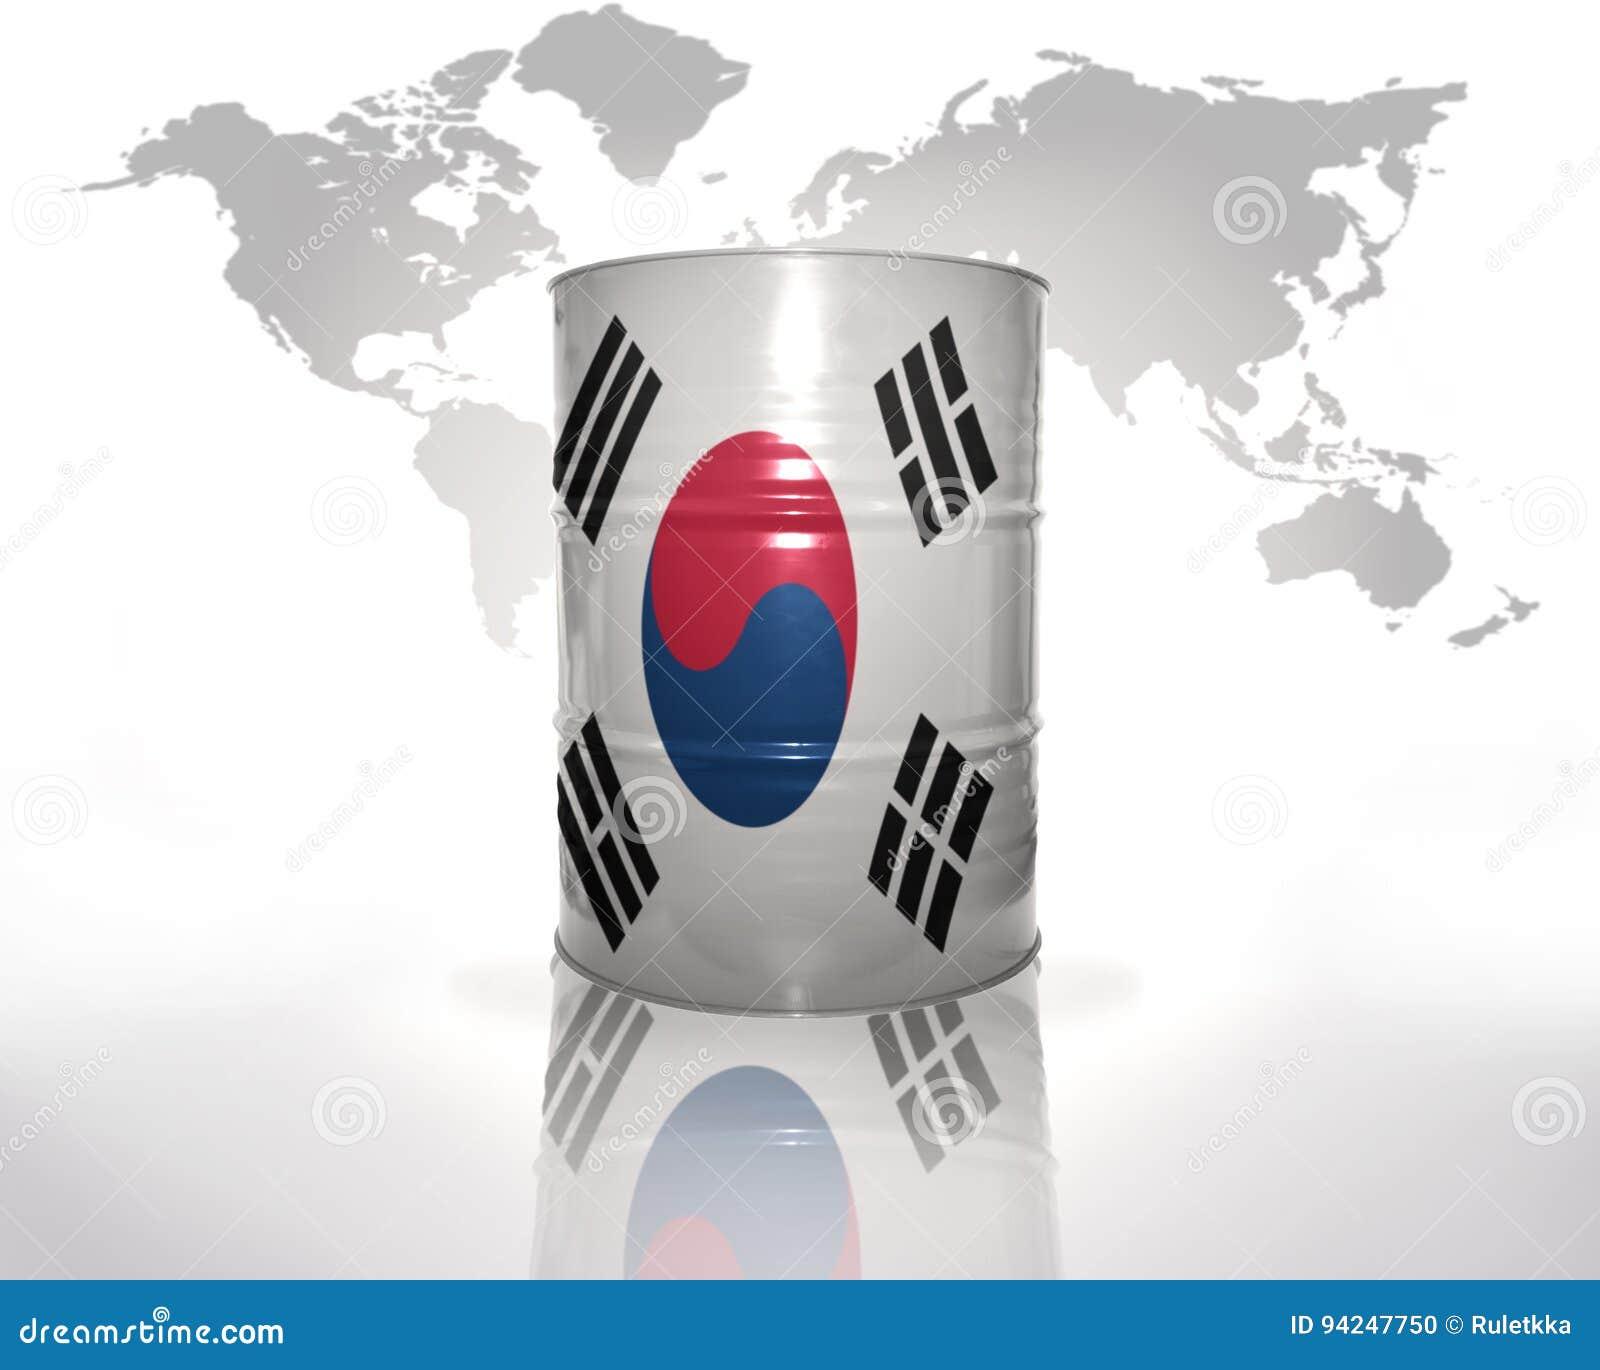 Barrel with south korea flag